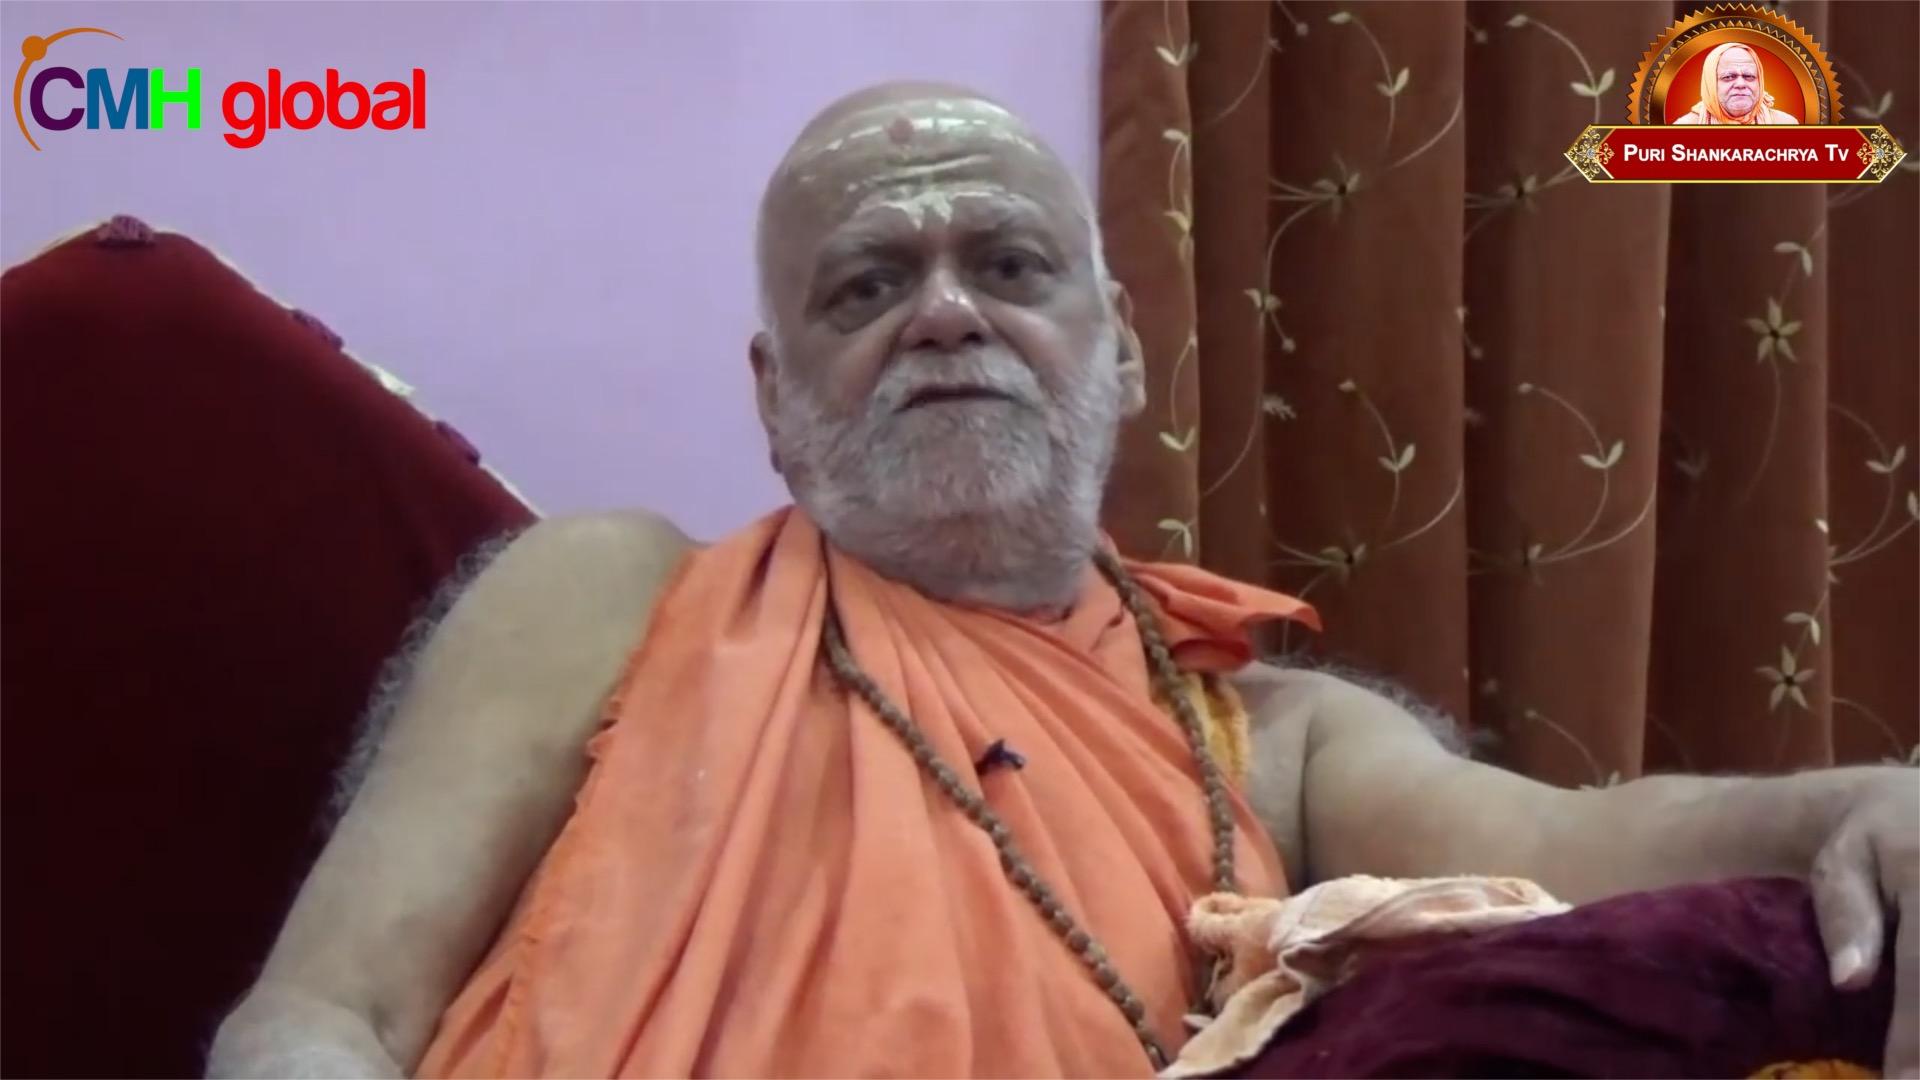 Gyan Dhara Ep -60 by Puri Shankaracharya Swami Nishchalananda Saraswati Ji